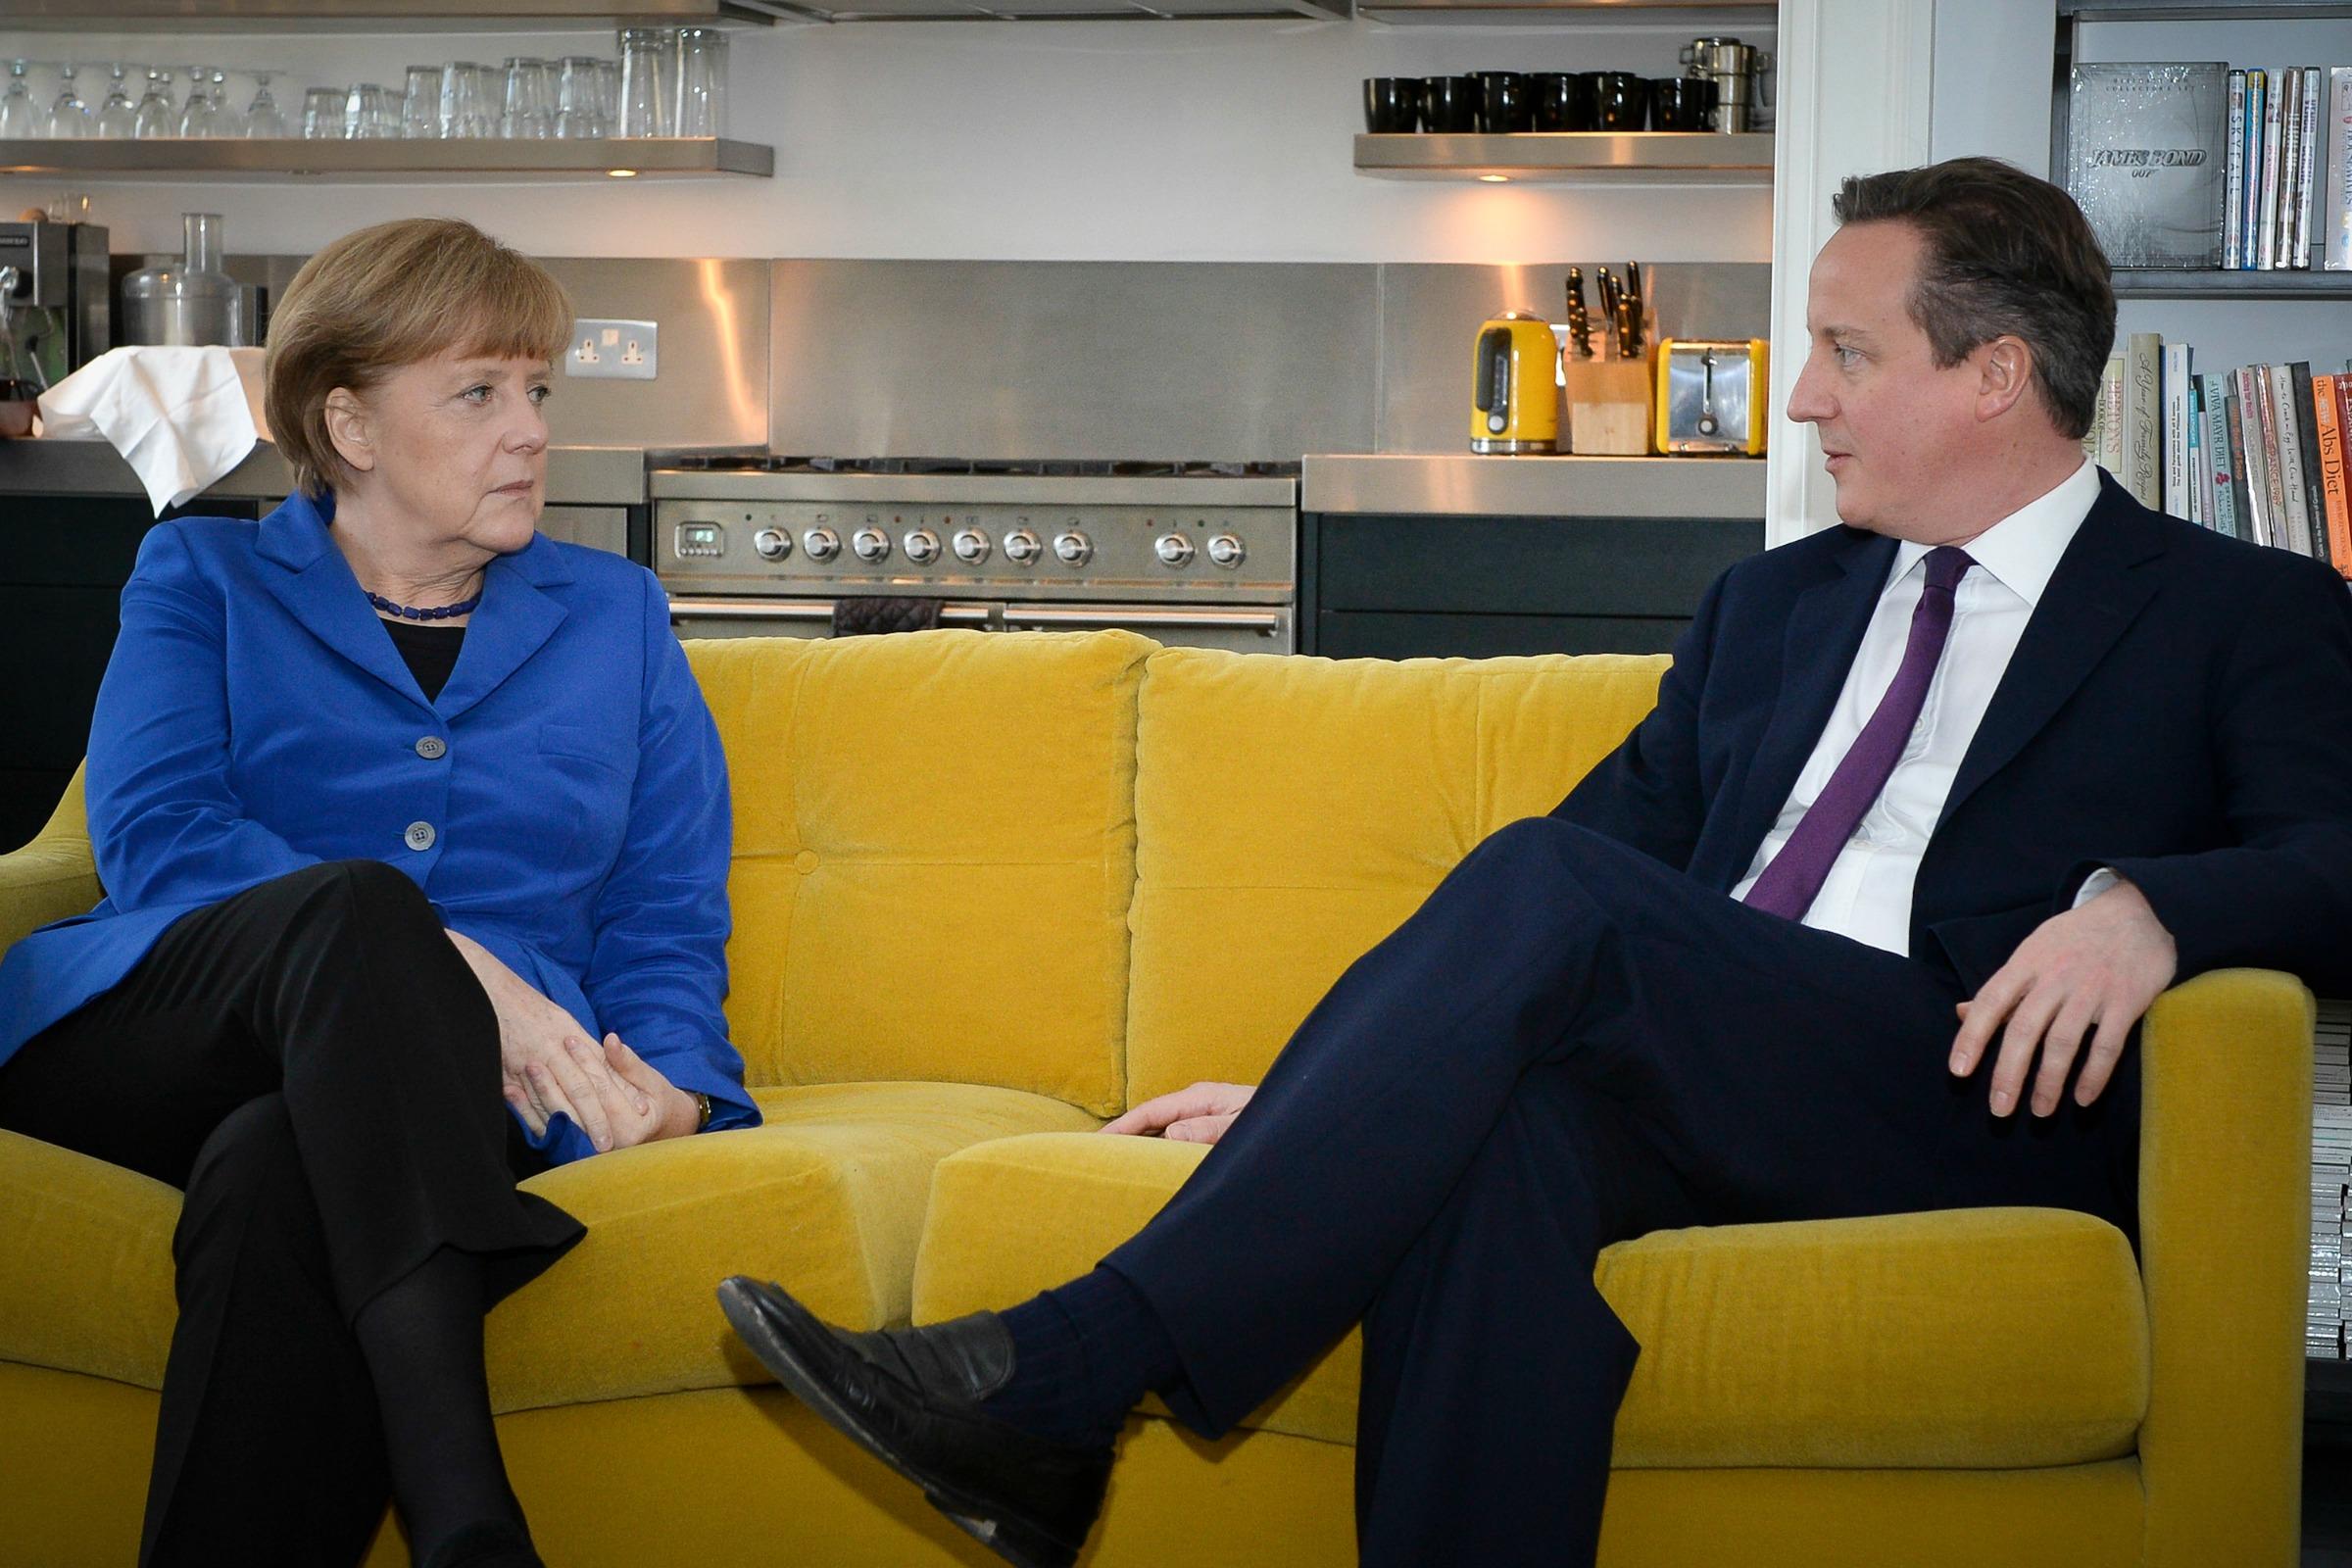 La chancelière allemande, Angela Merkel, et le premier ministre britannique, David Cameron [Number 10/Flickr]